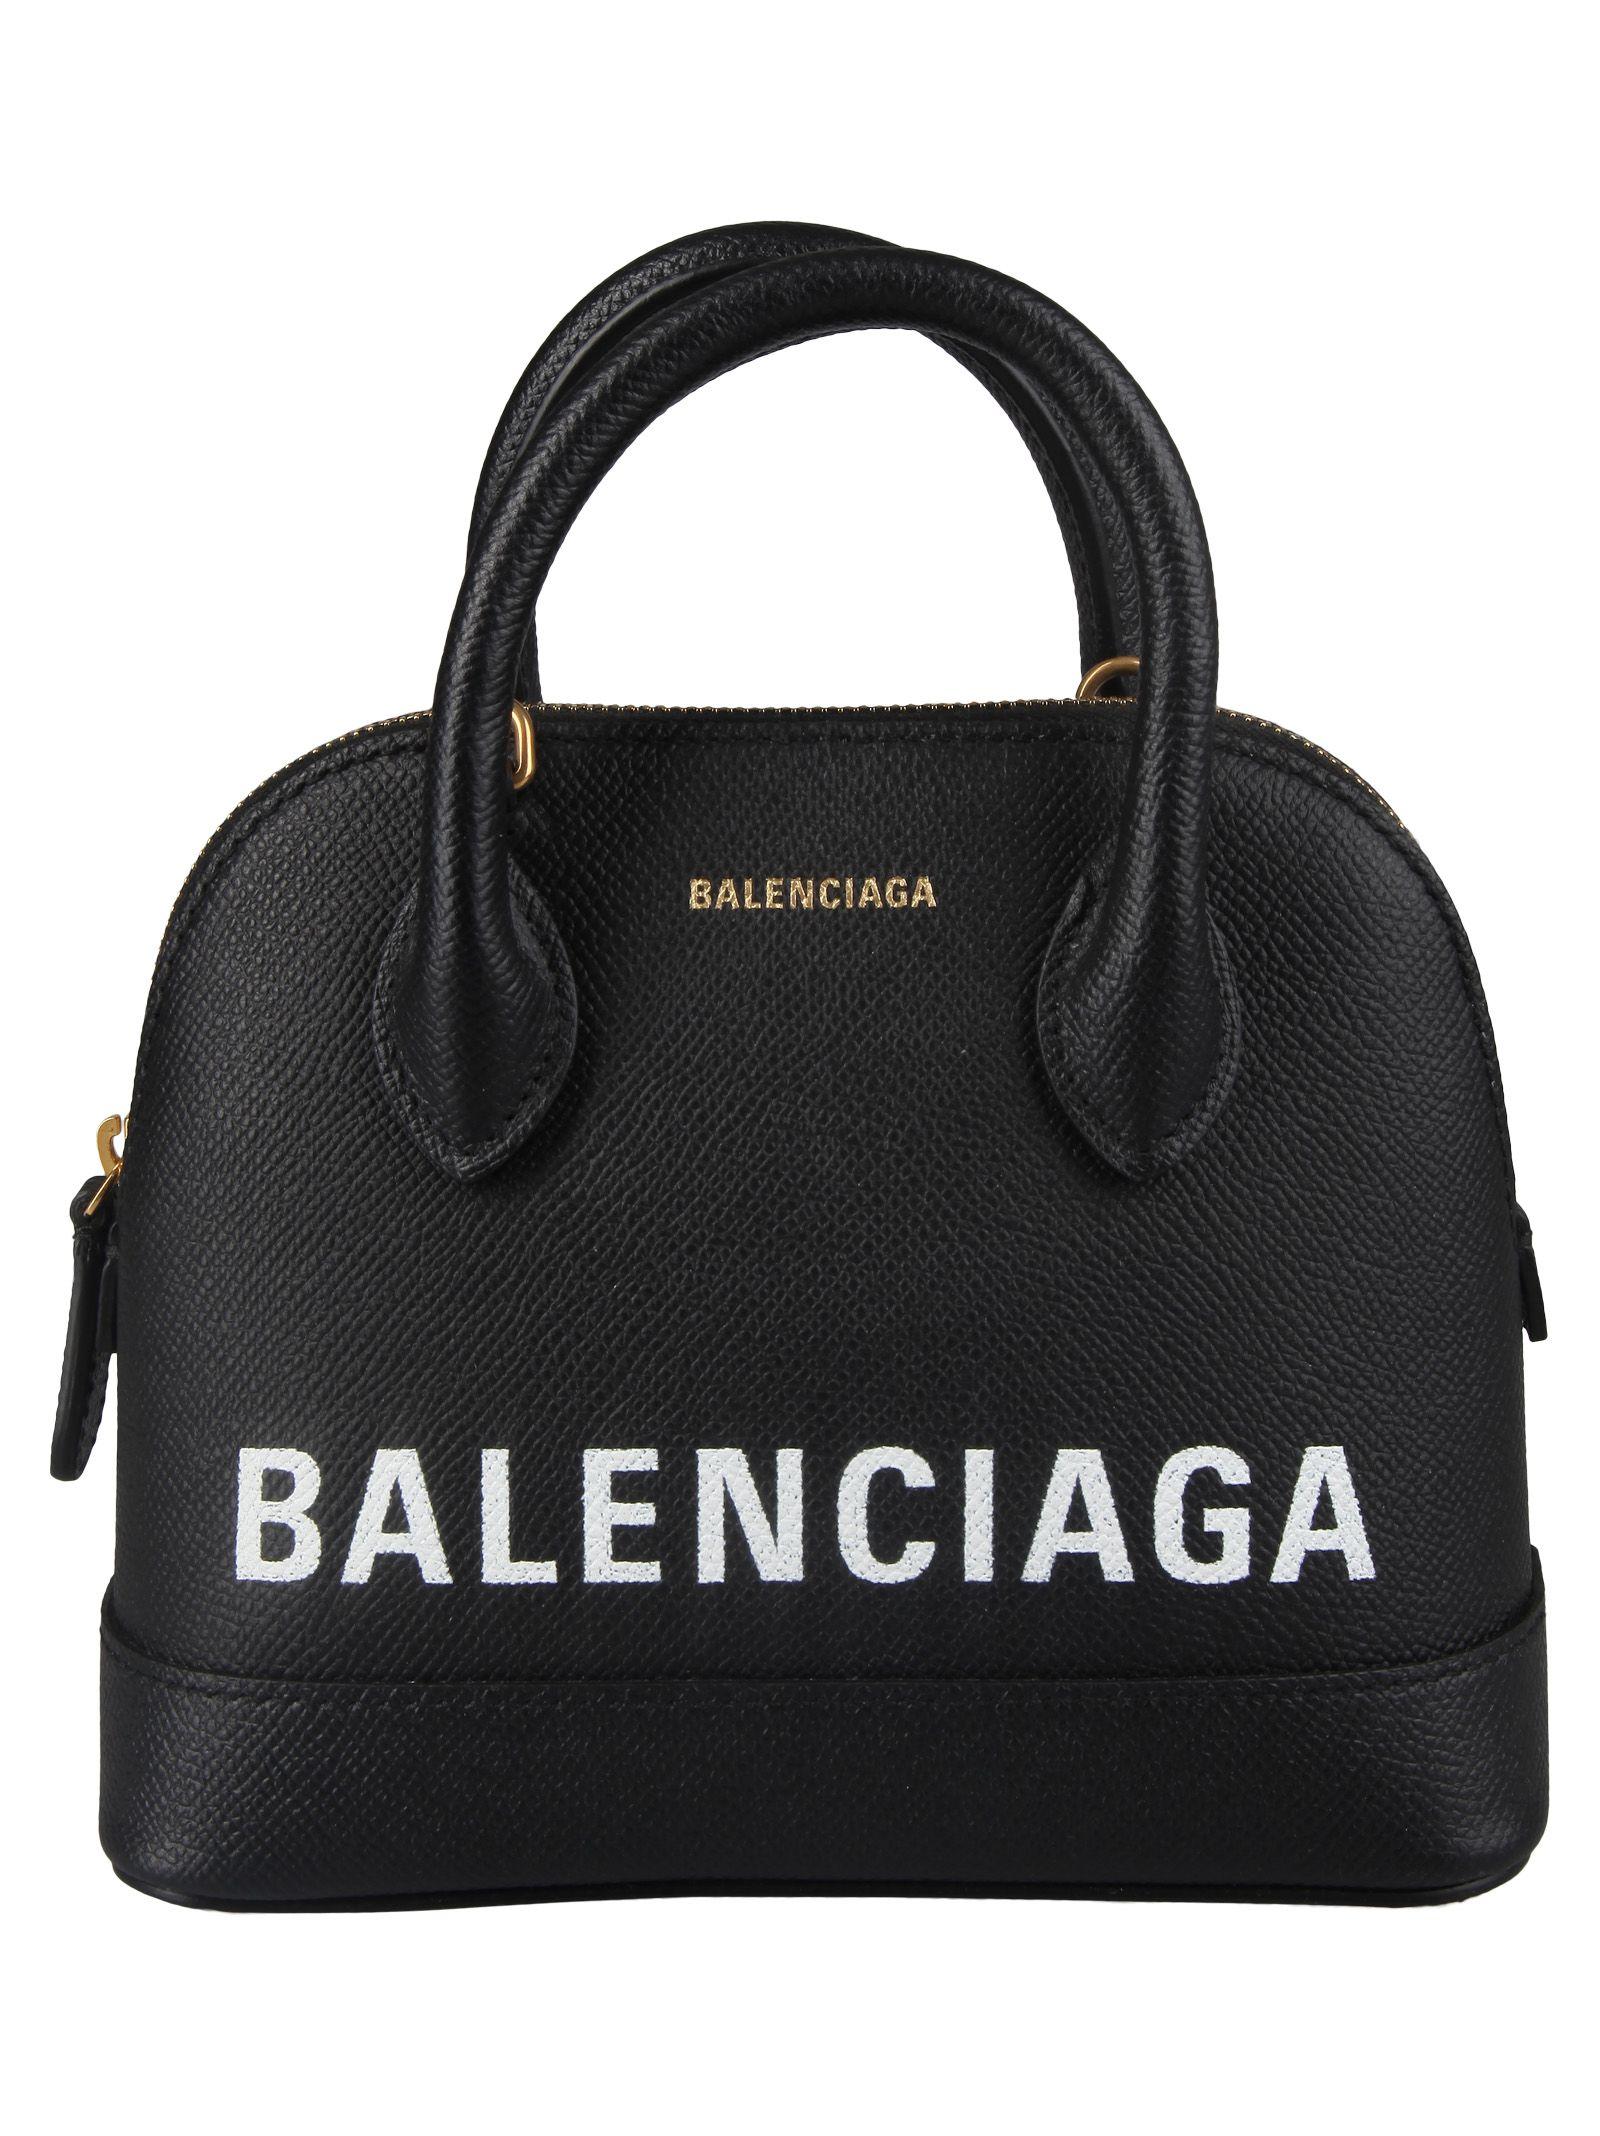 Balenciaga Ville Tote